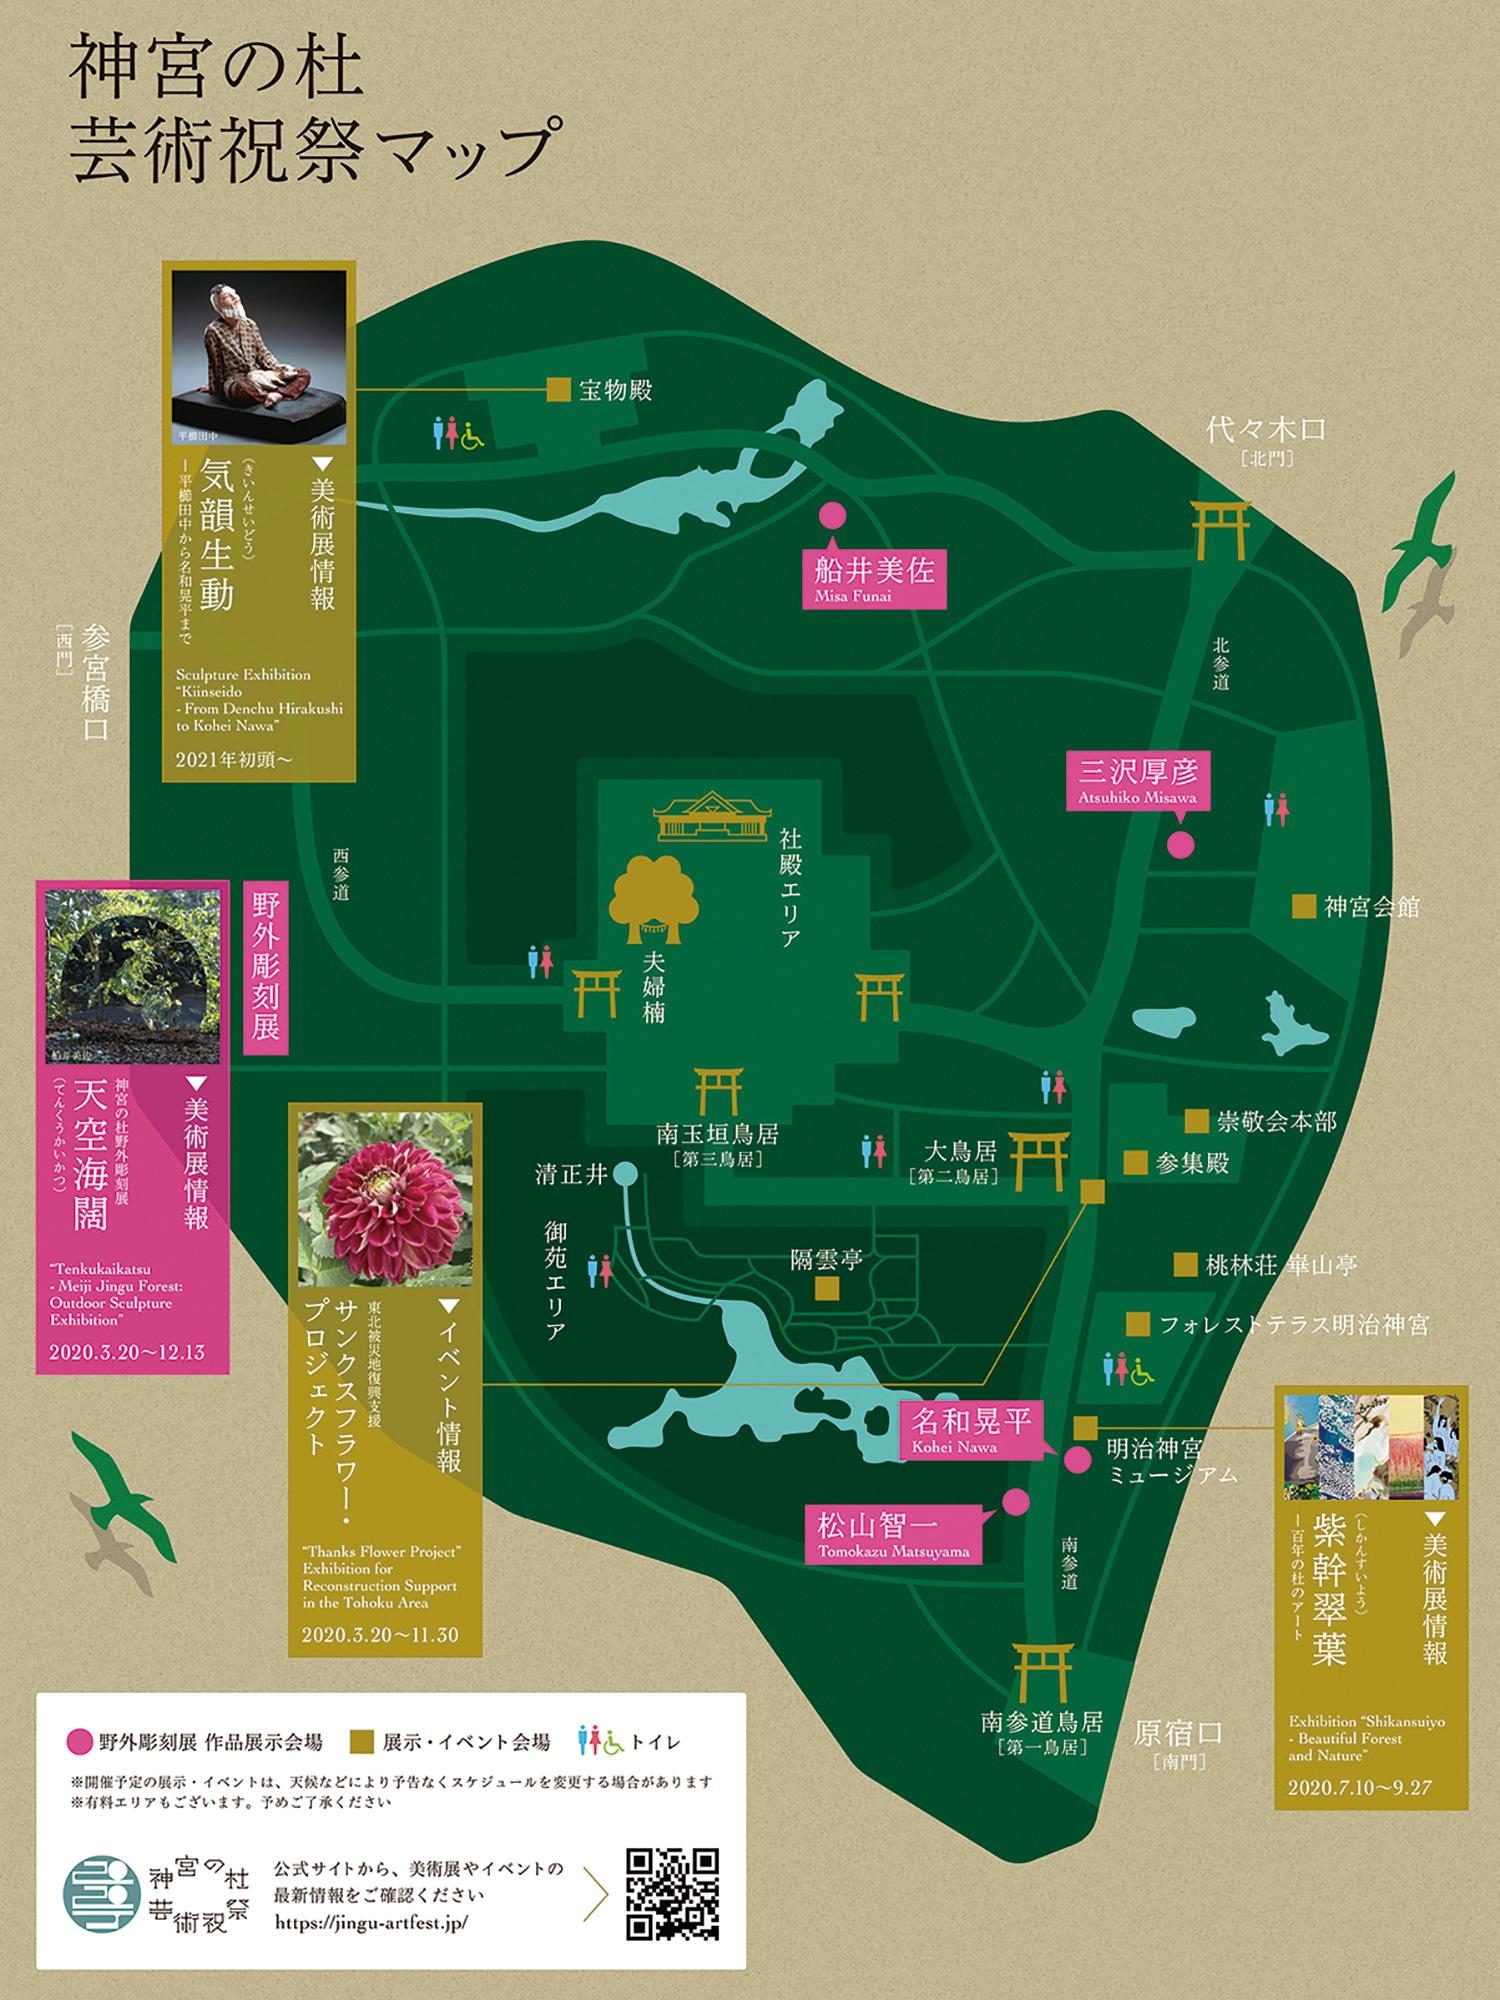 神宮の杜芸術祝祭マップ(全体)